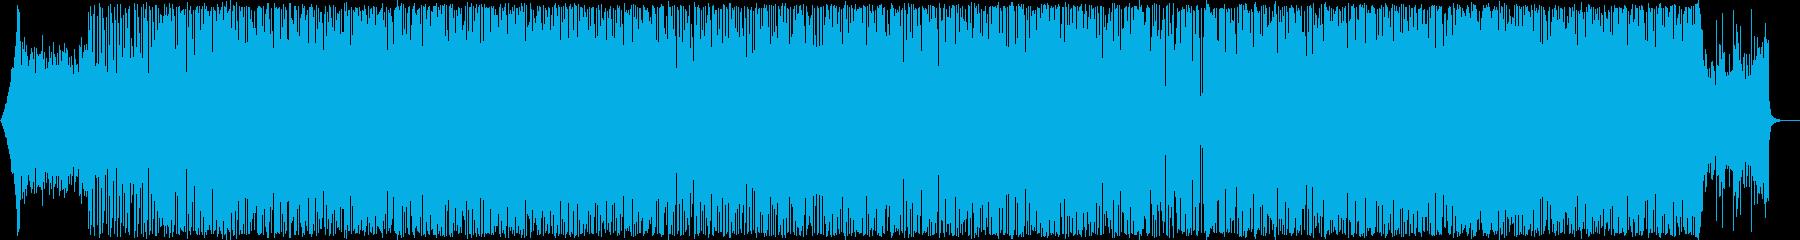 サンバ風きらきらエレキギターポップスの再生済みの波形